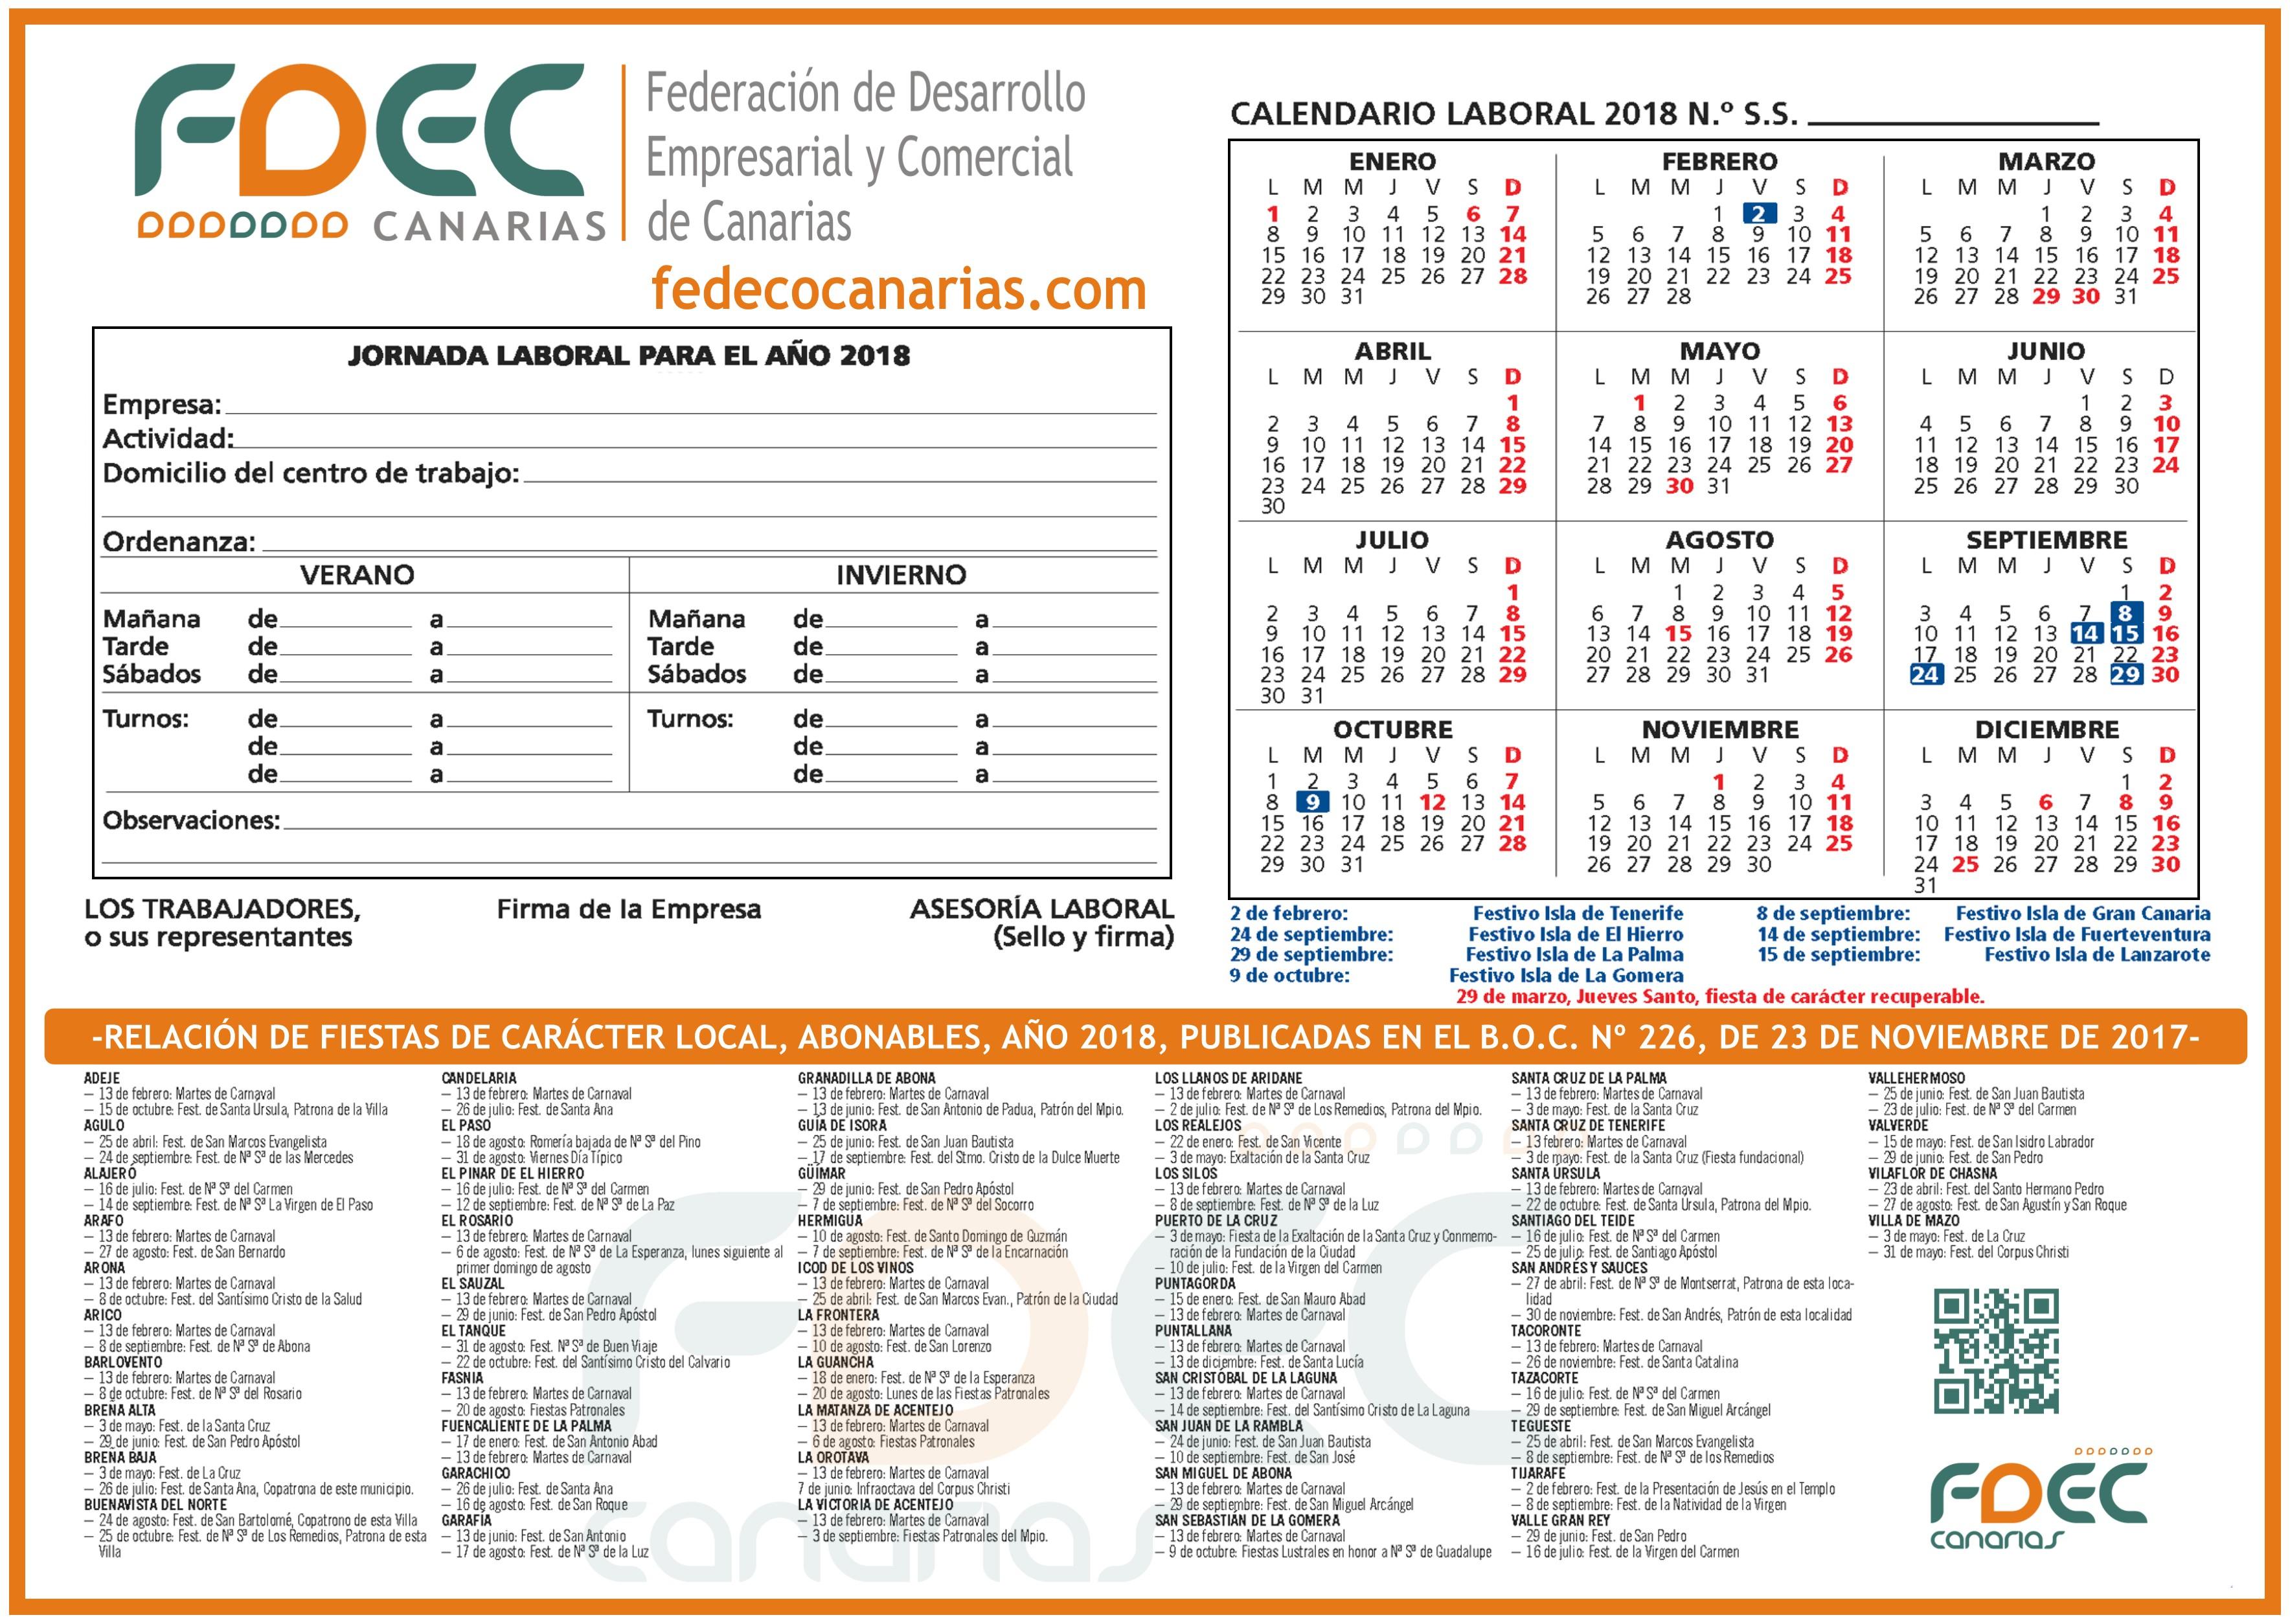 Calendario Laboral FDEC -TENERIFE 2018